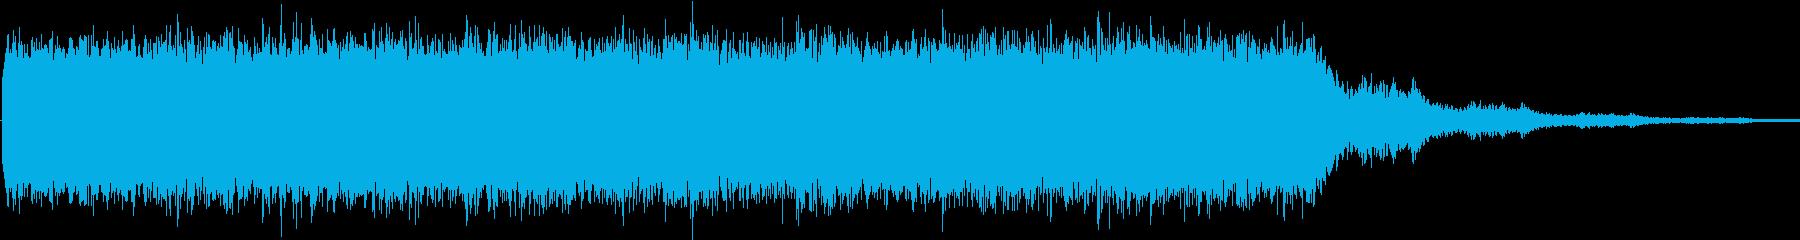 ドローン 産業03の再生済みの波形